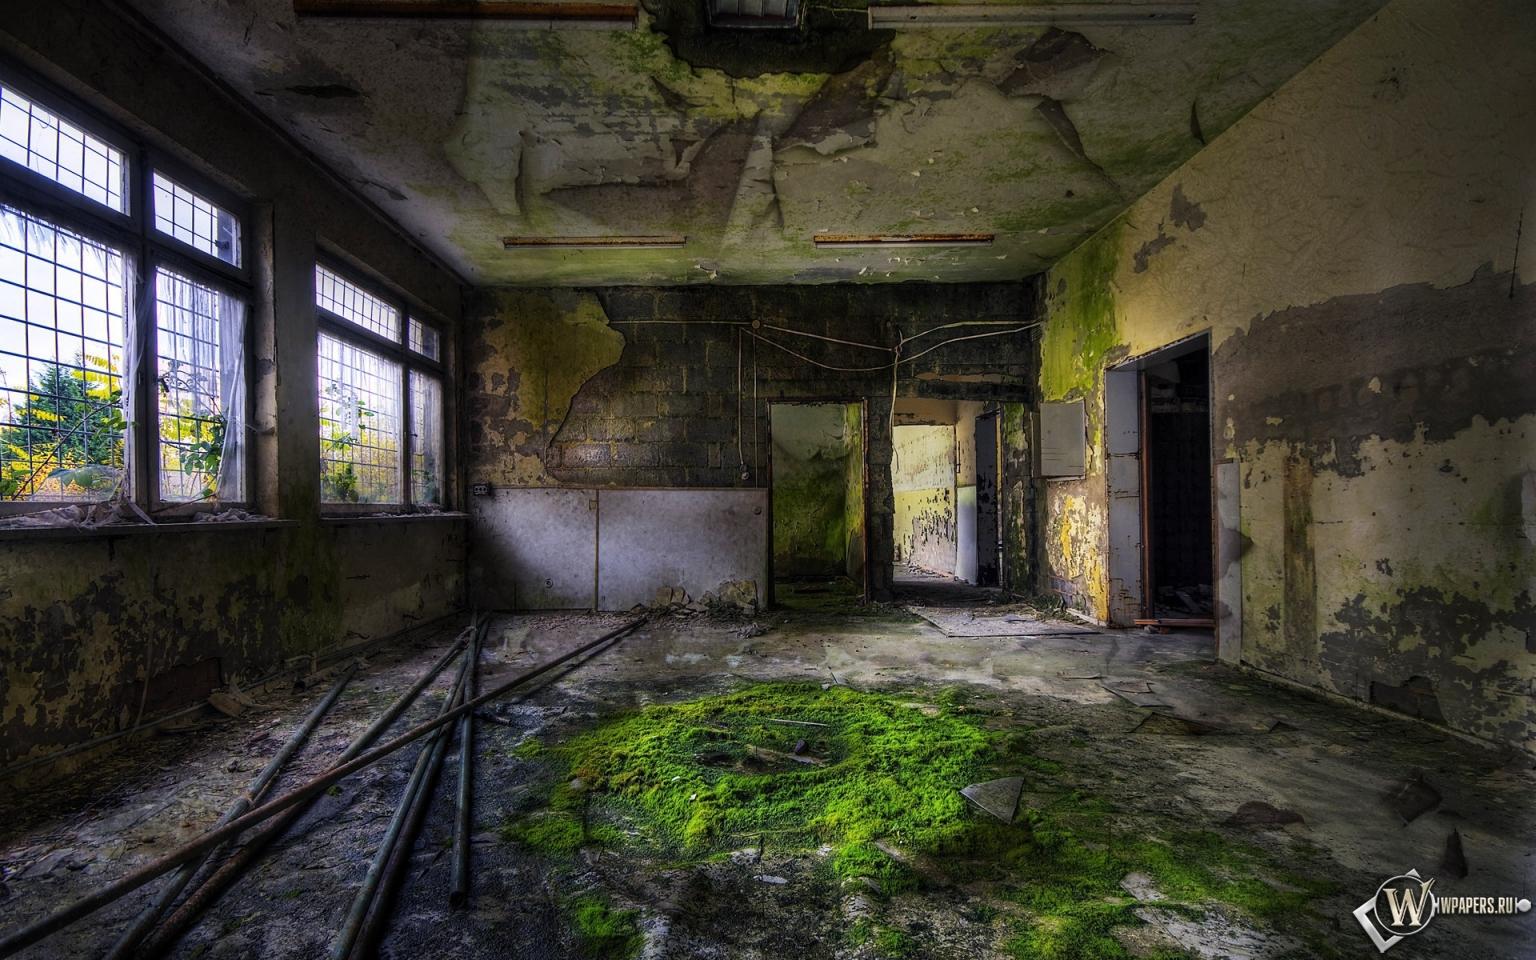 Заброшенное здание 1536x960